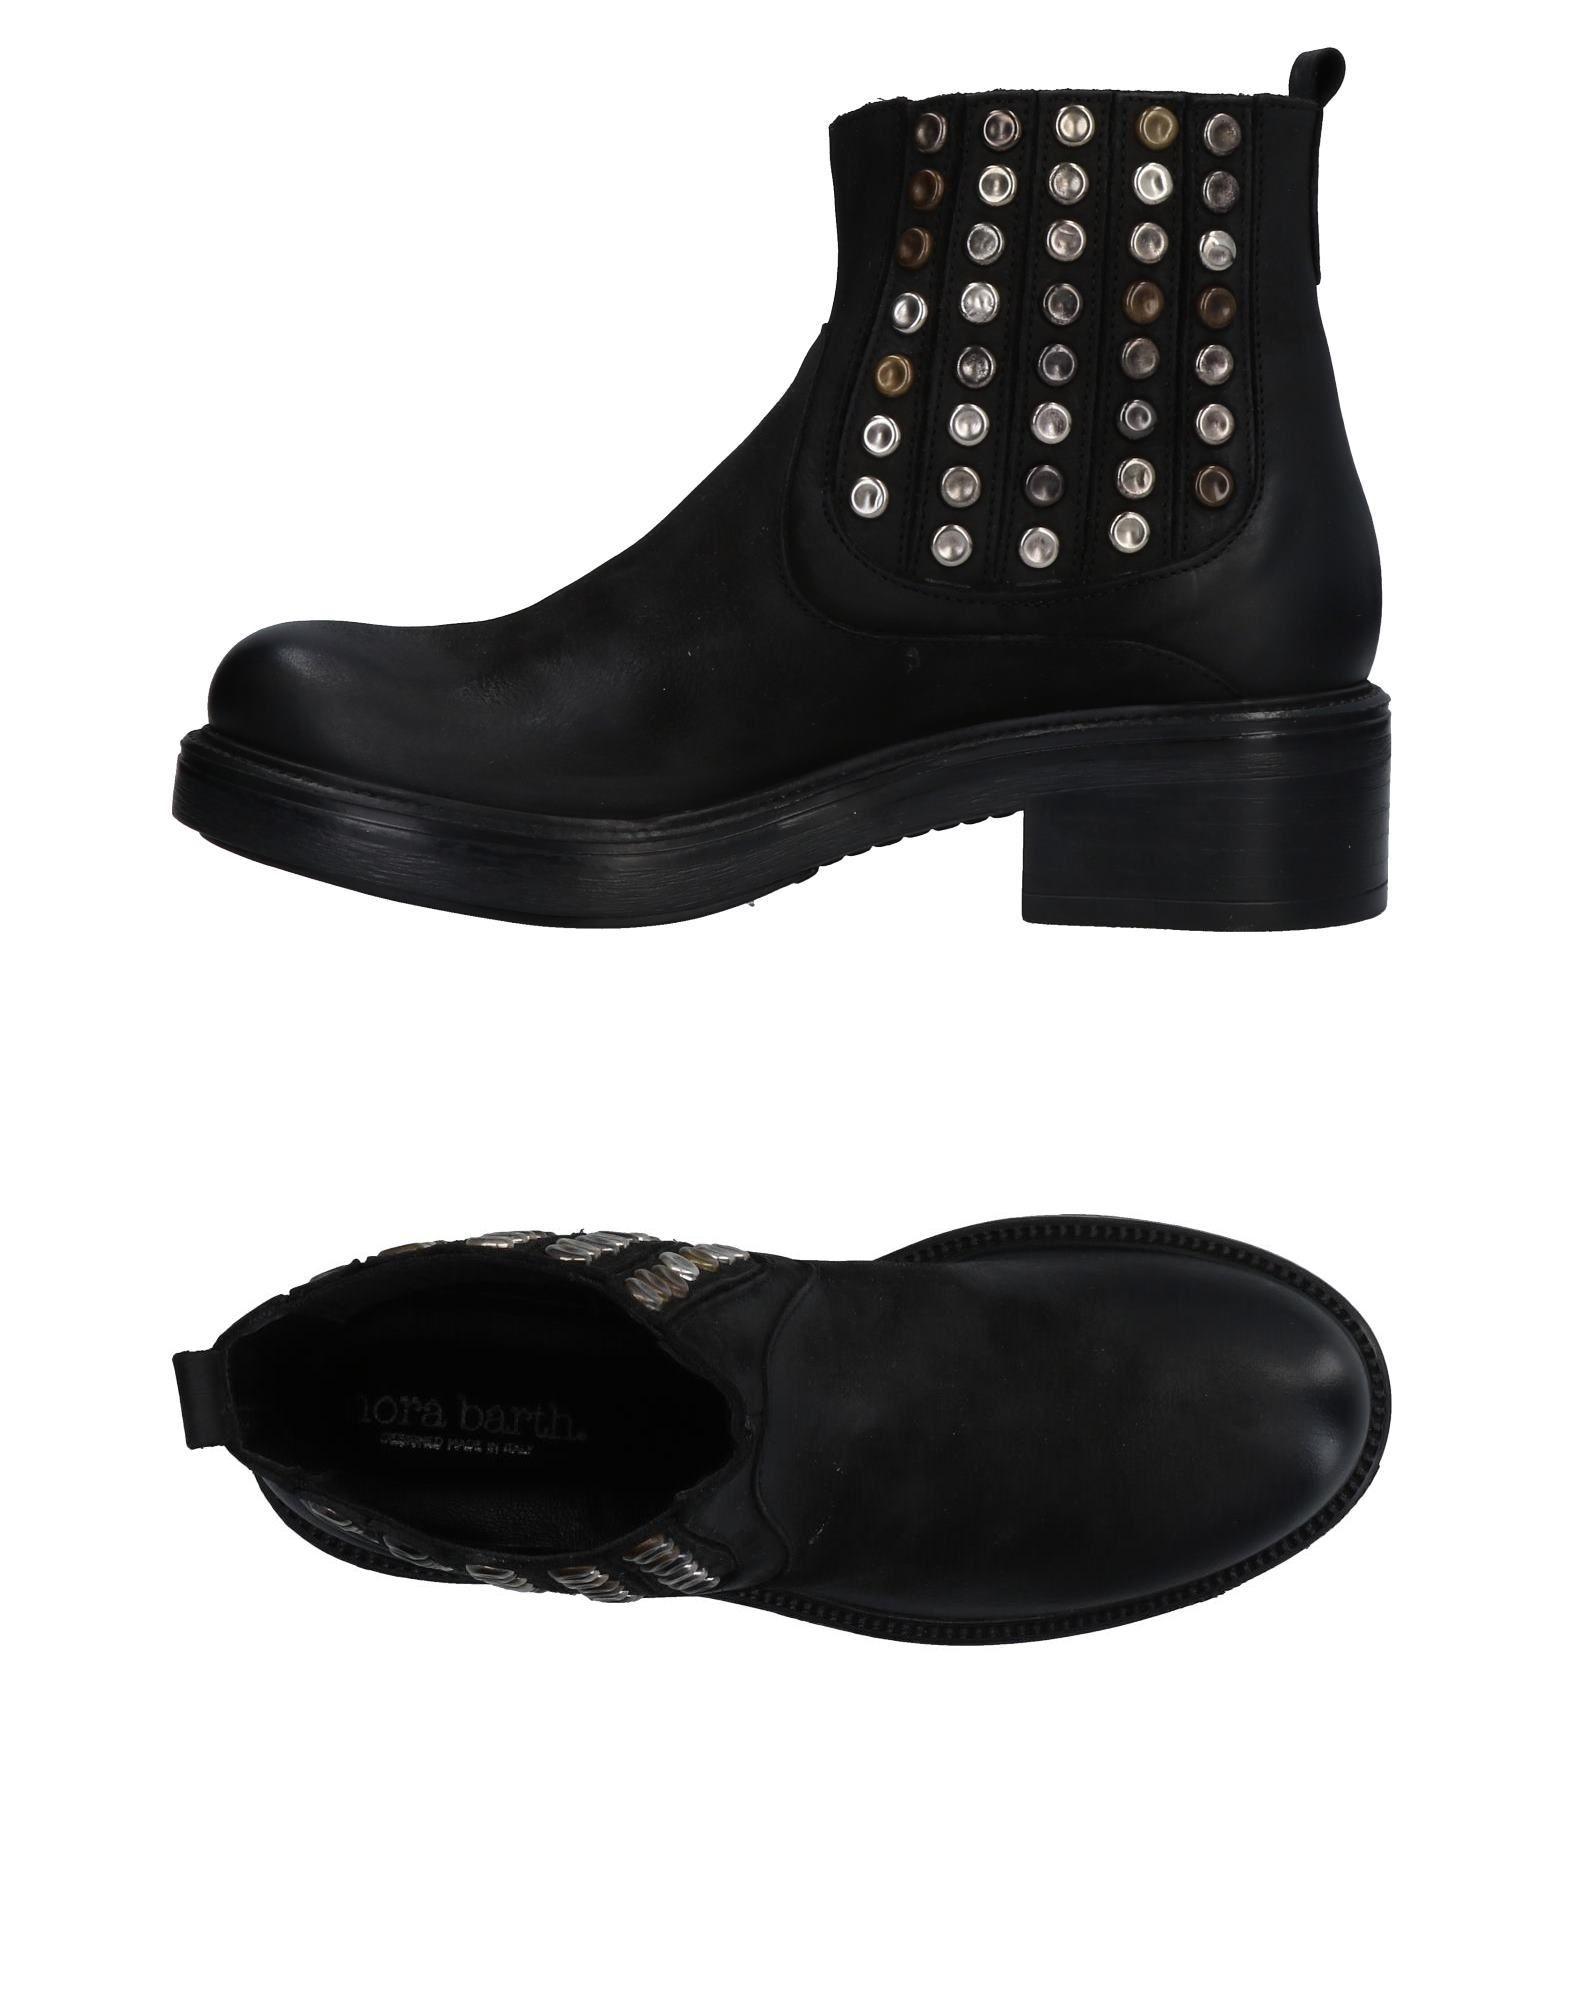 Nora Barth Chelsea Boots Damen  11471051XOGut aussehende strapazierfähige Schuhe